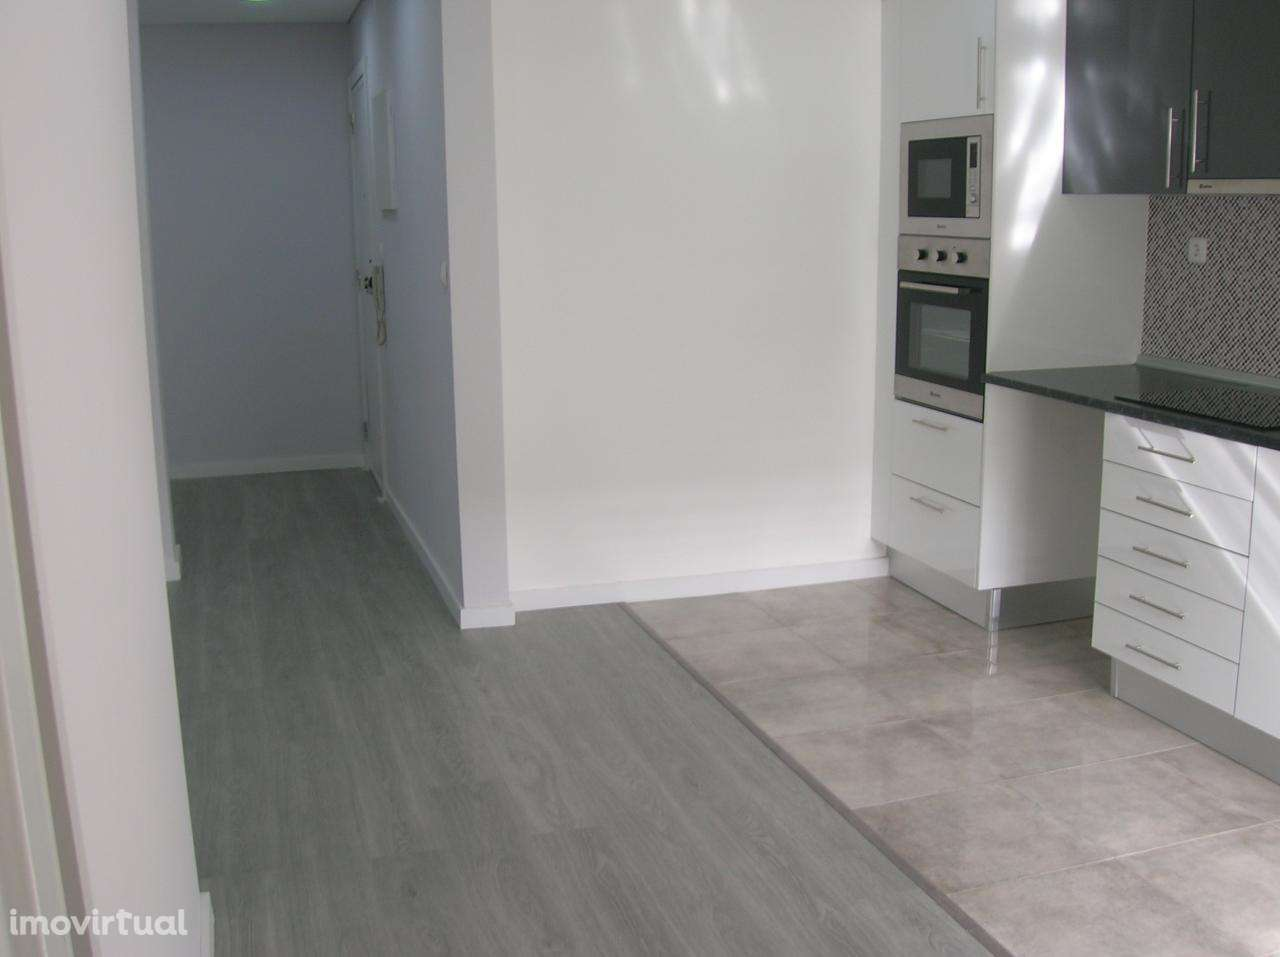 Apartamento para comprar, Seixal, Arrentela e Aldeia de Paio Pires, Setúbal - Foto 2